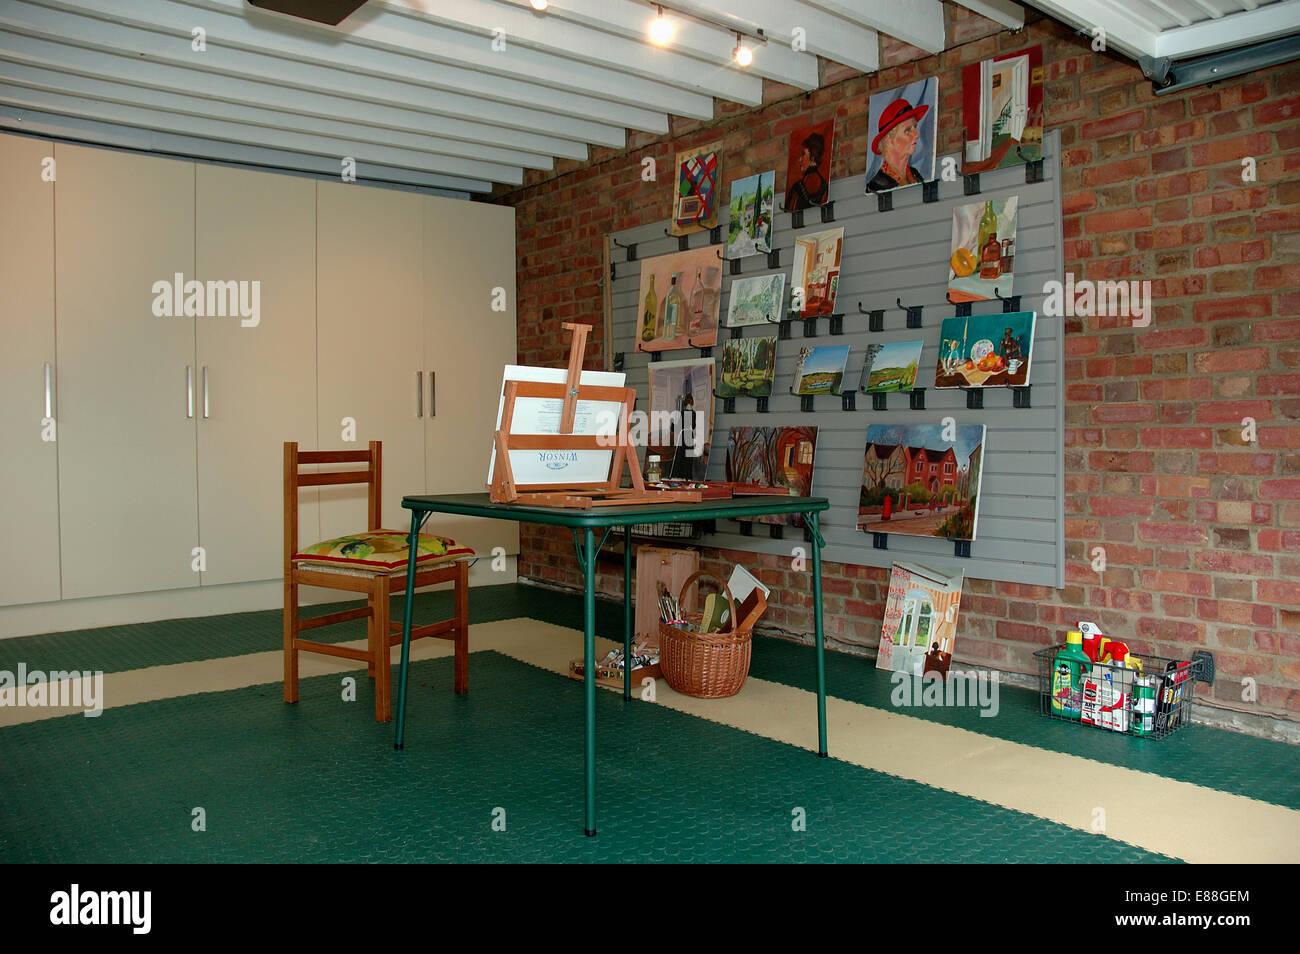 Gemälde An Der Wand In Garage In Künstleratelier Konvertiert Stockbild